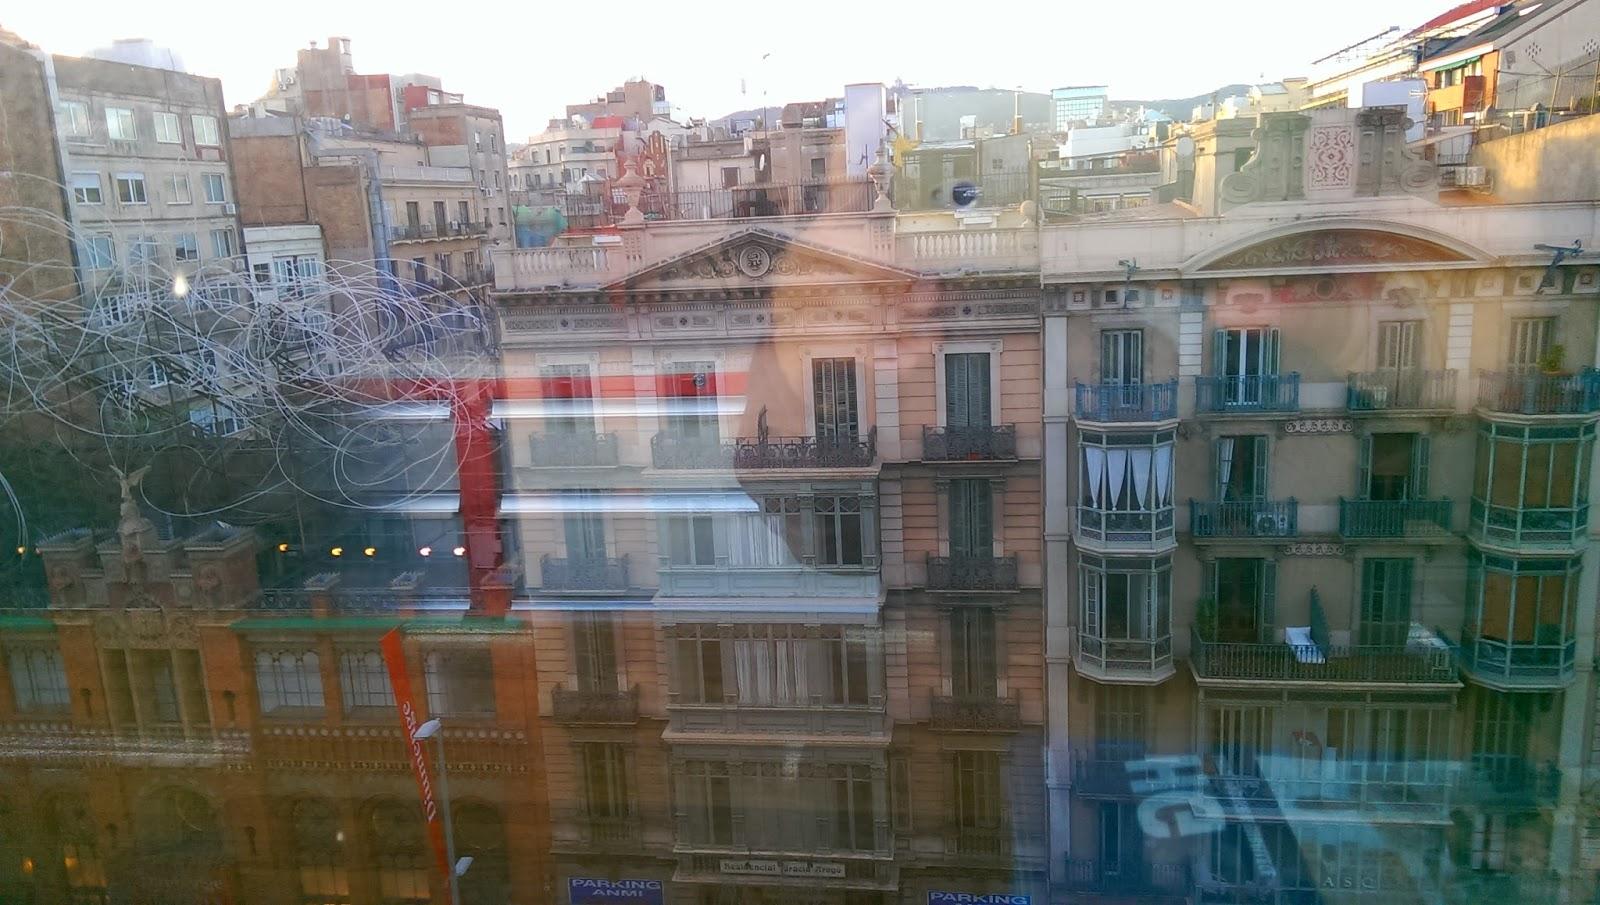 Barcelona, Fundación Tàpies y calle Aragón desde Servicio Estación